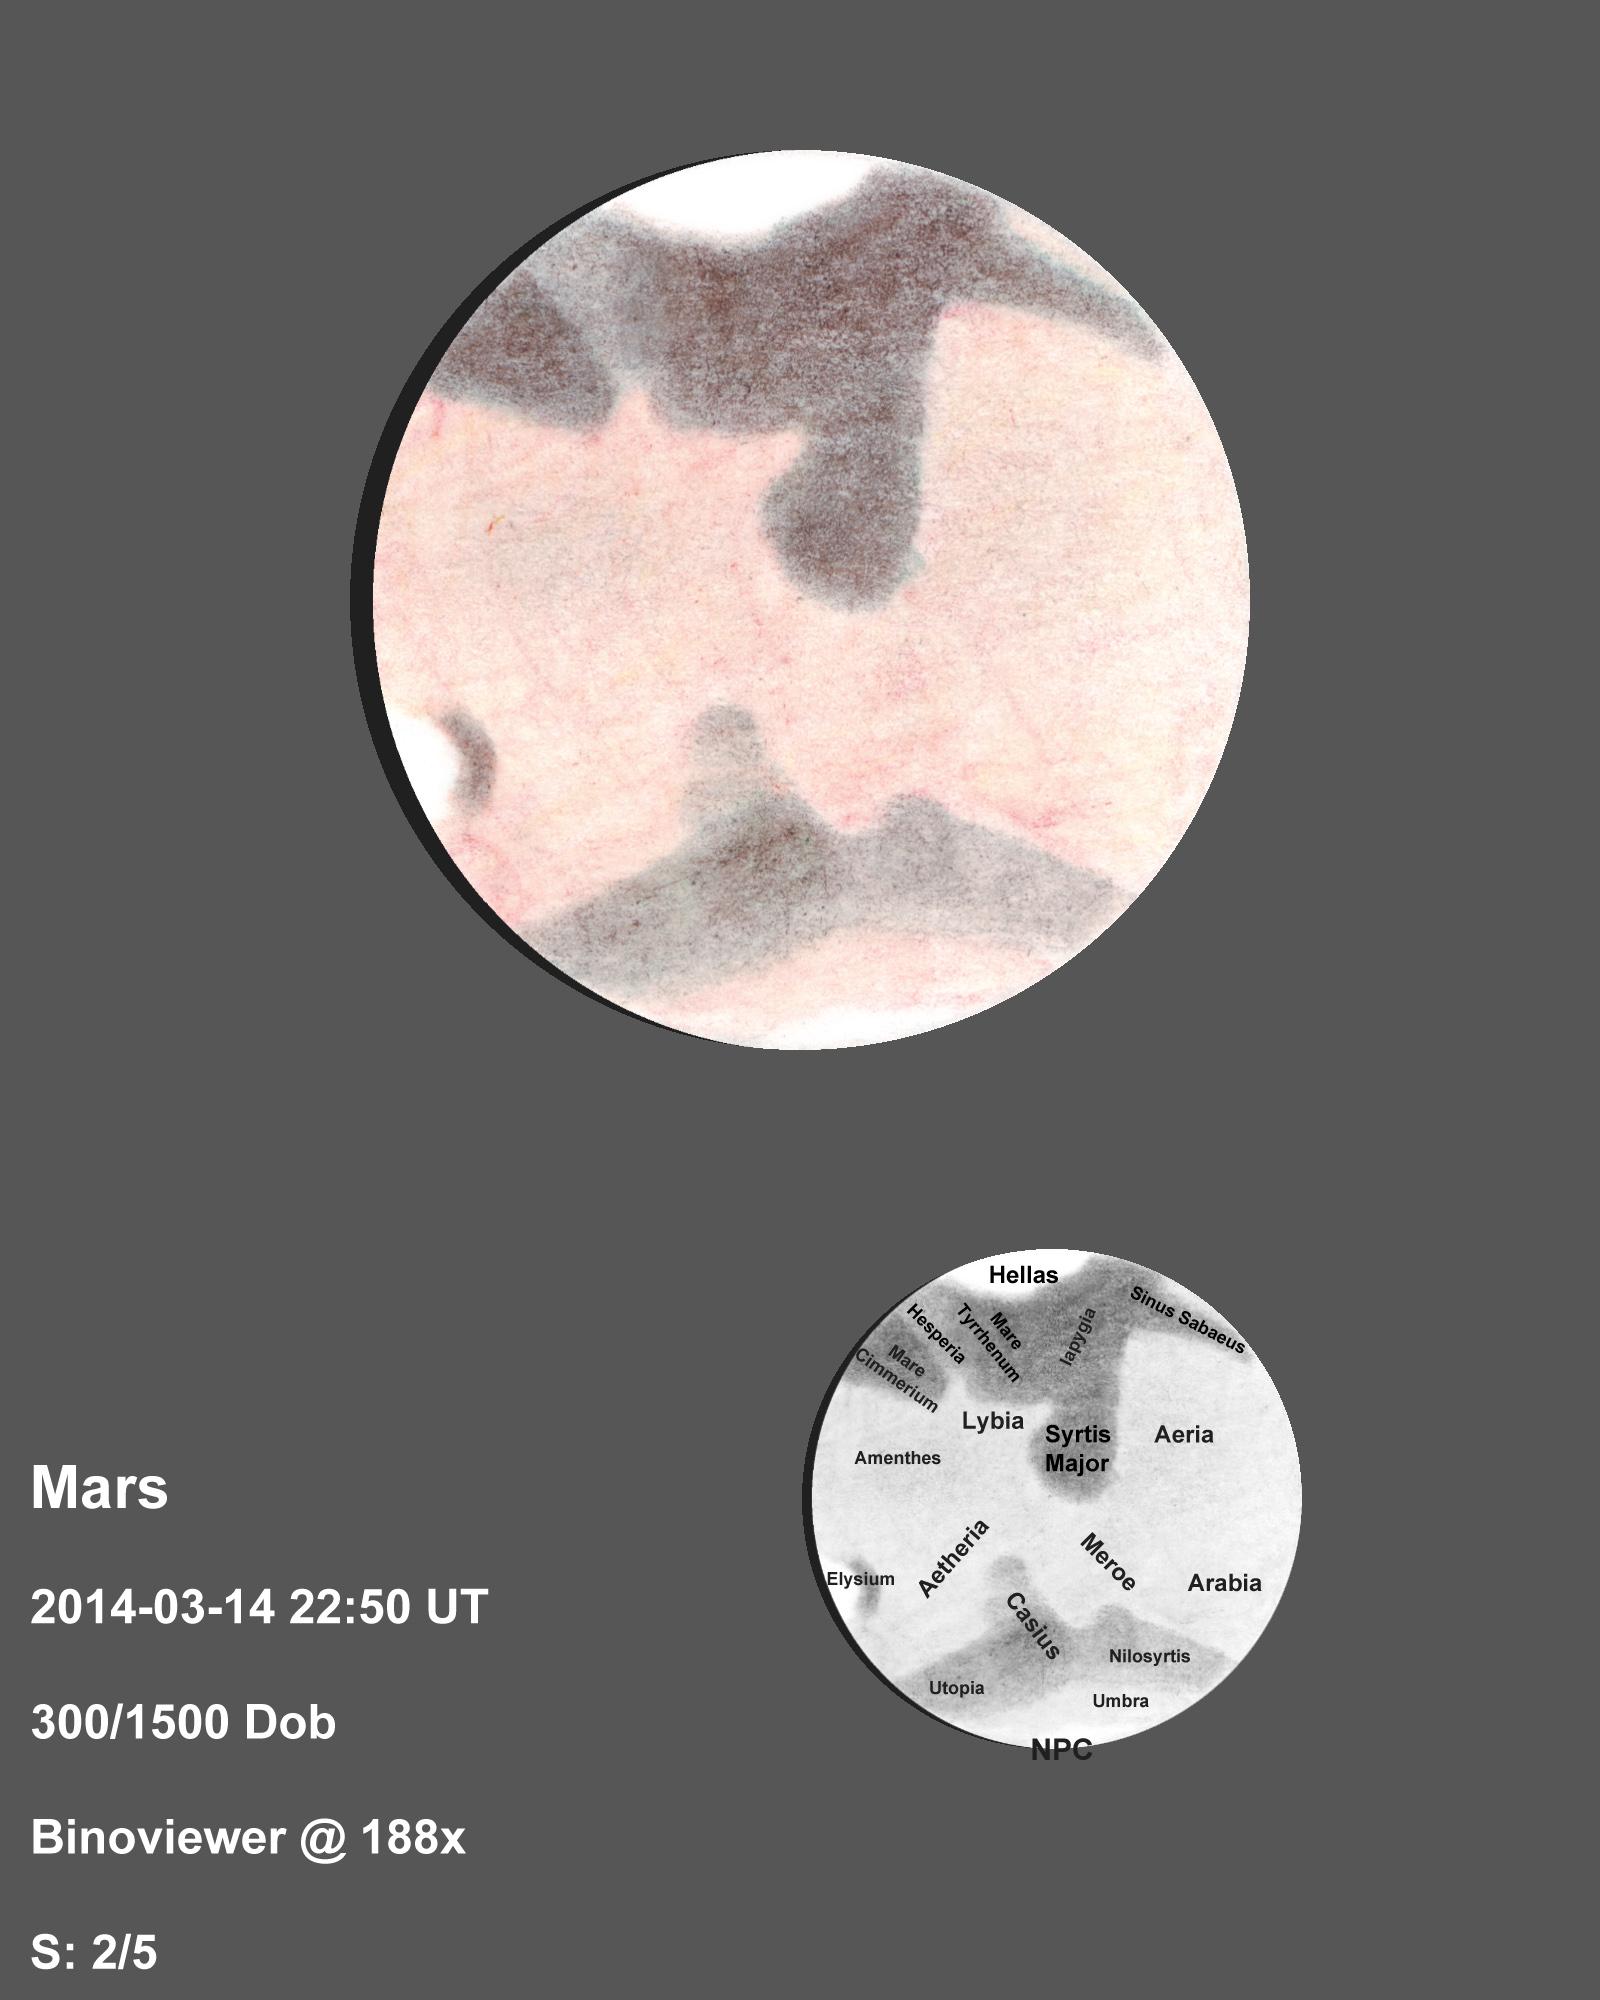 Mars 2014-03-14 2250UT